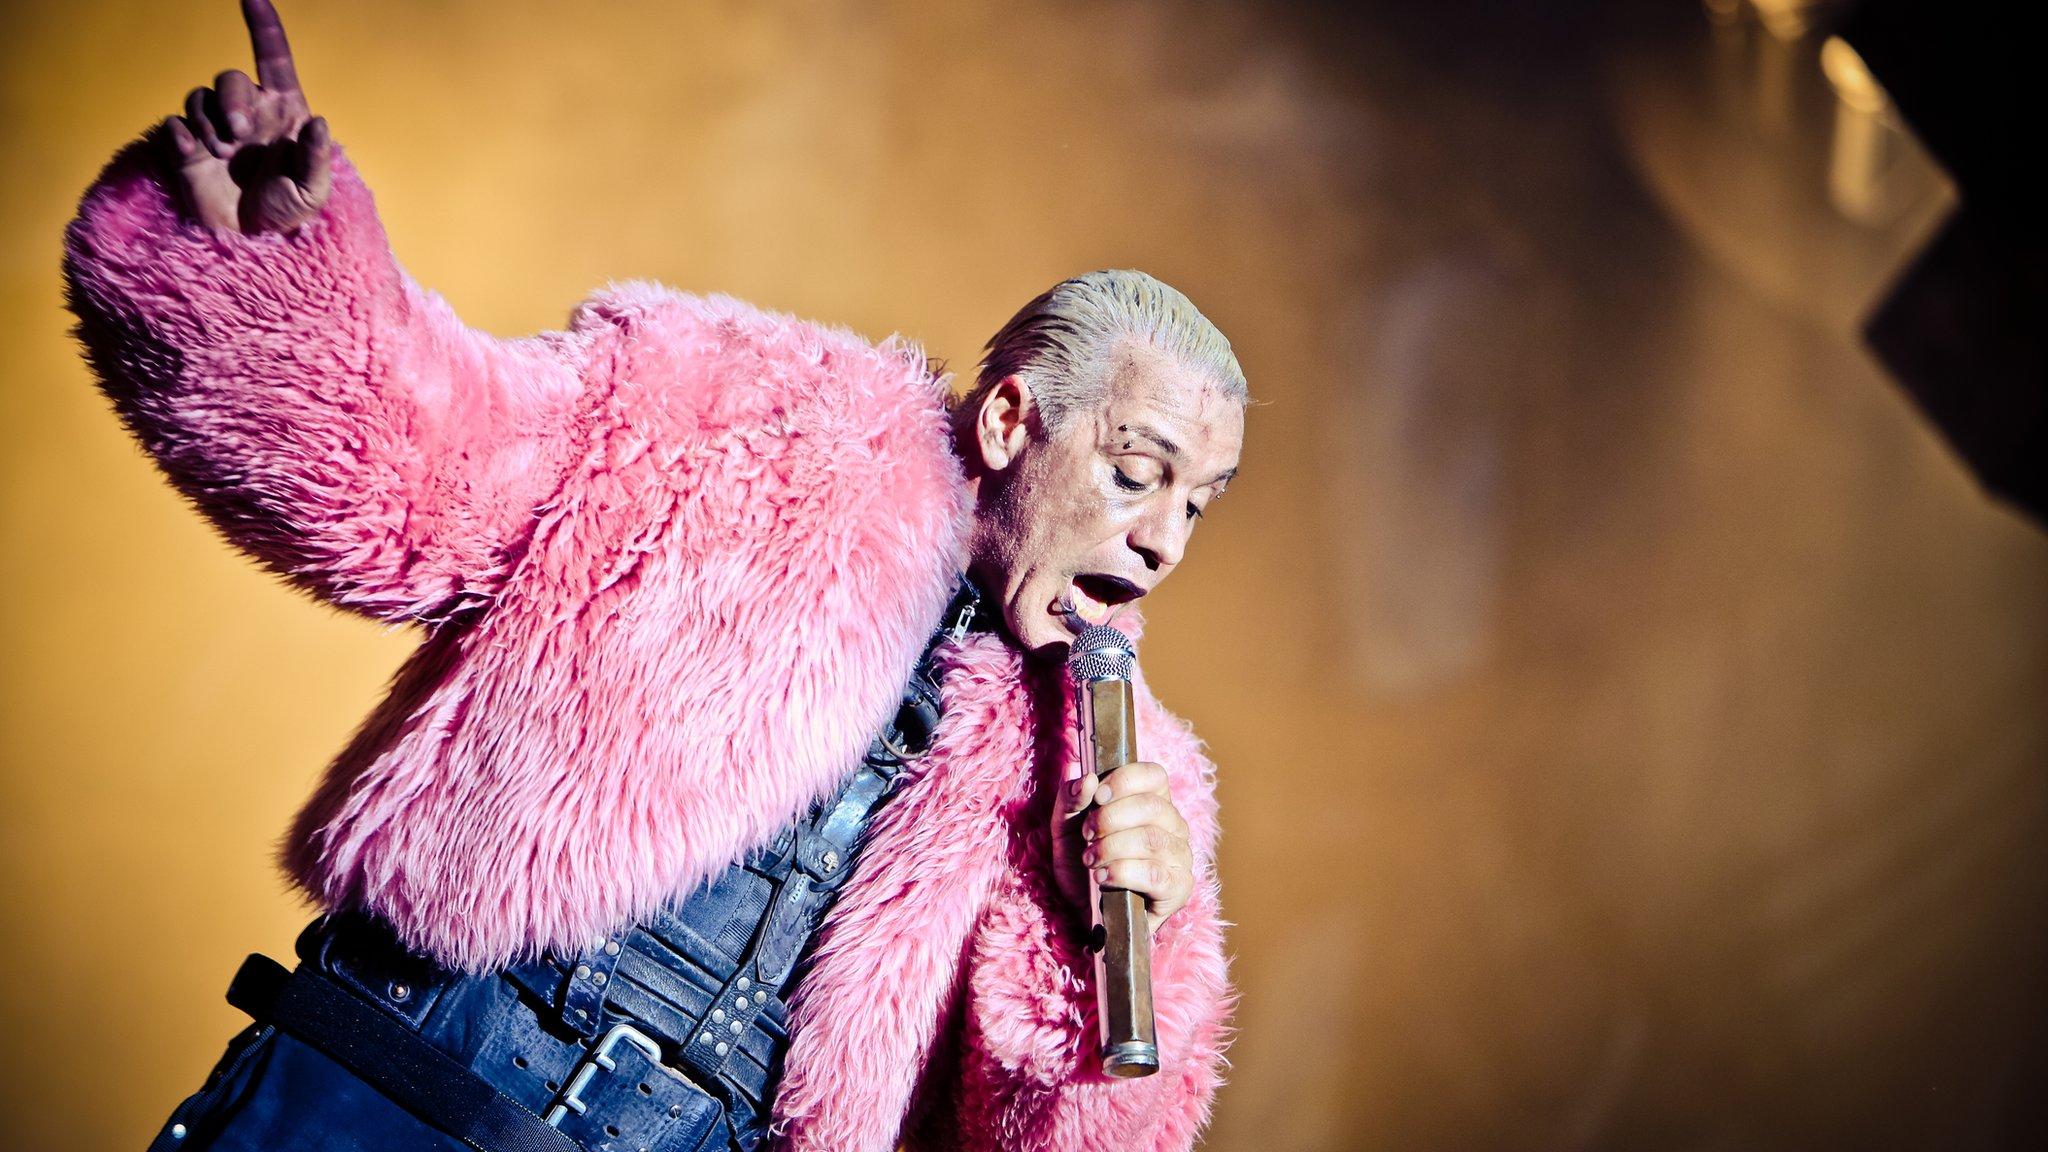 Новый альбом Rammstein: как он звучит и о чем поет группа?